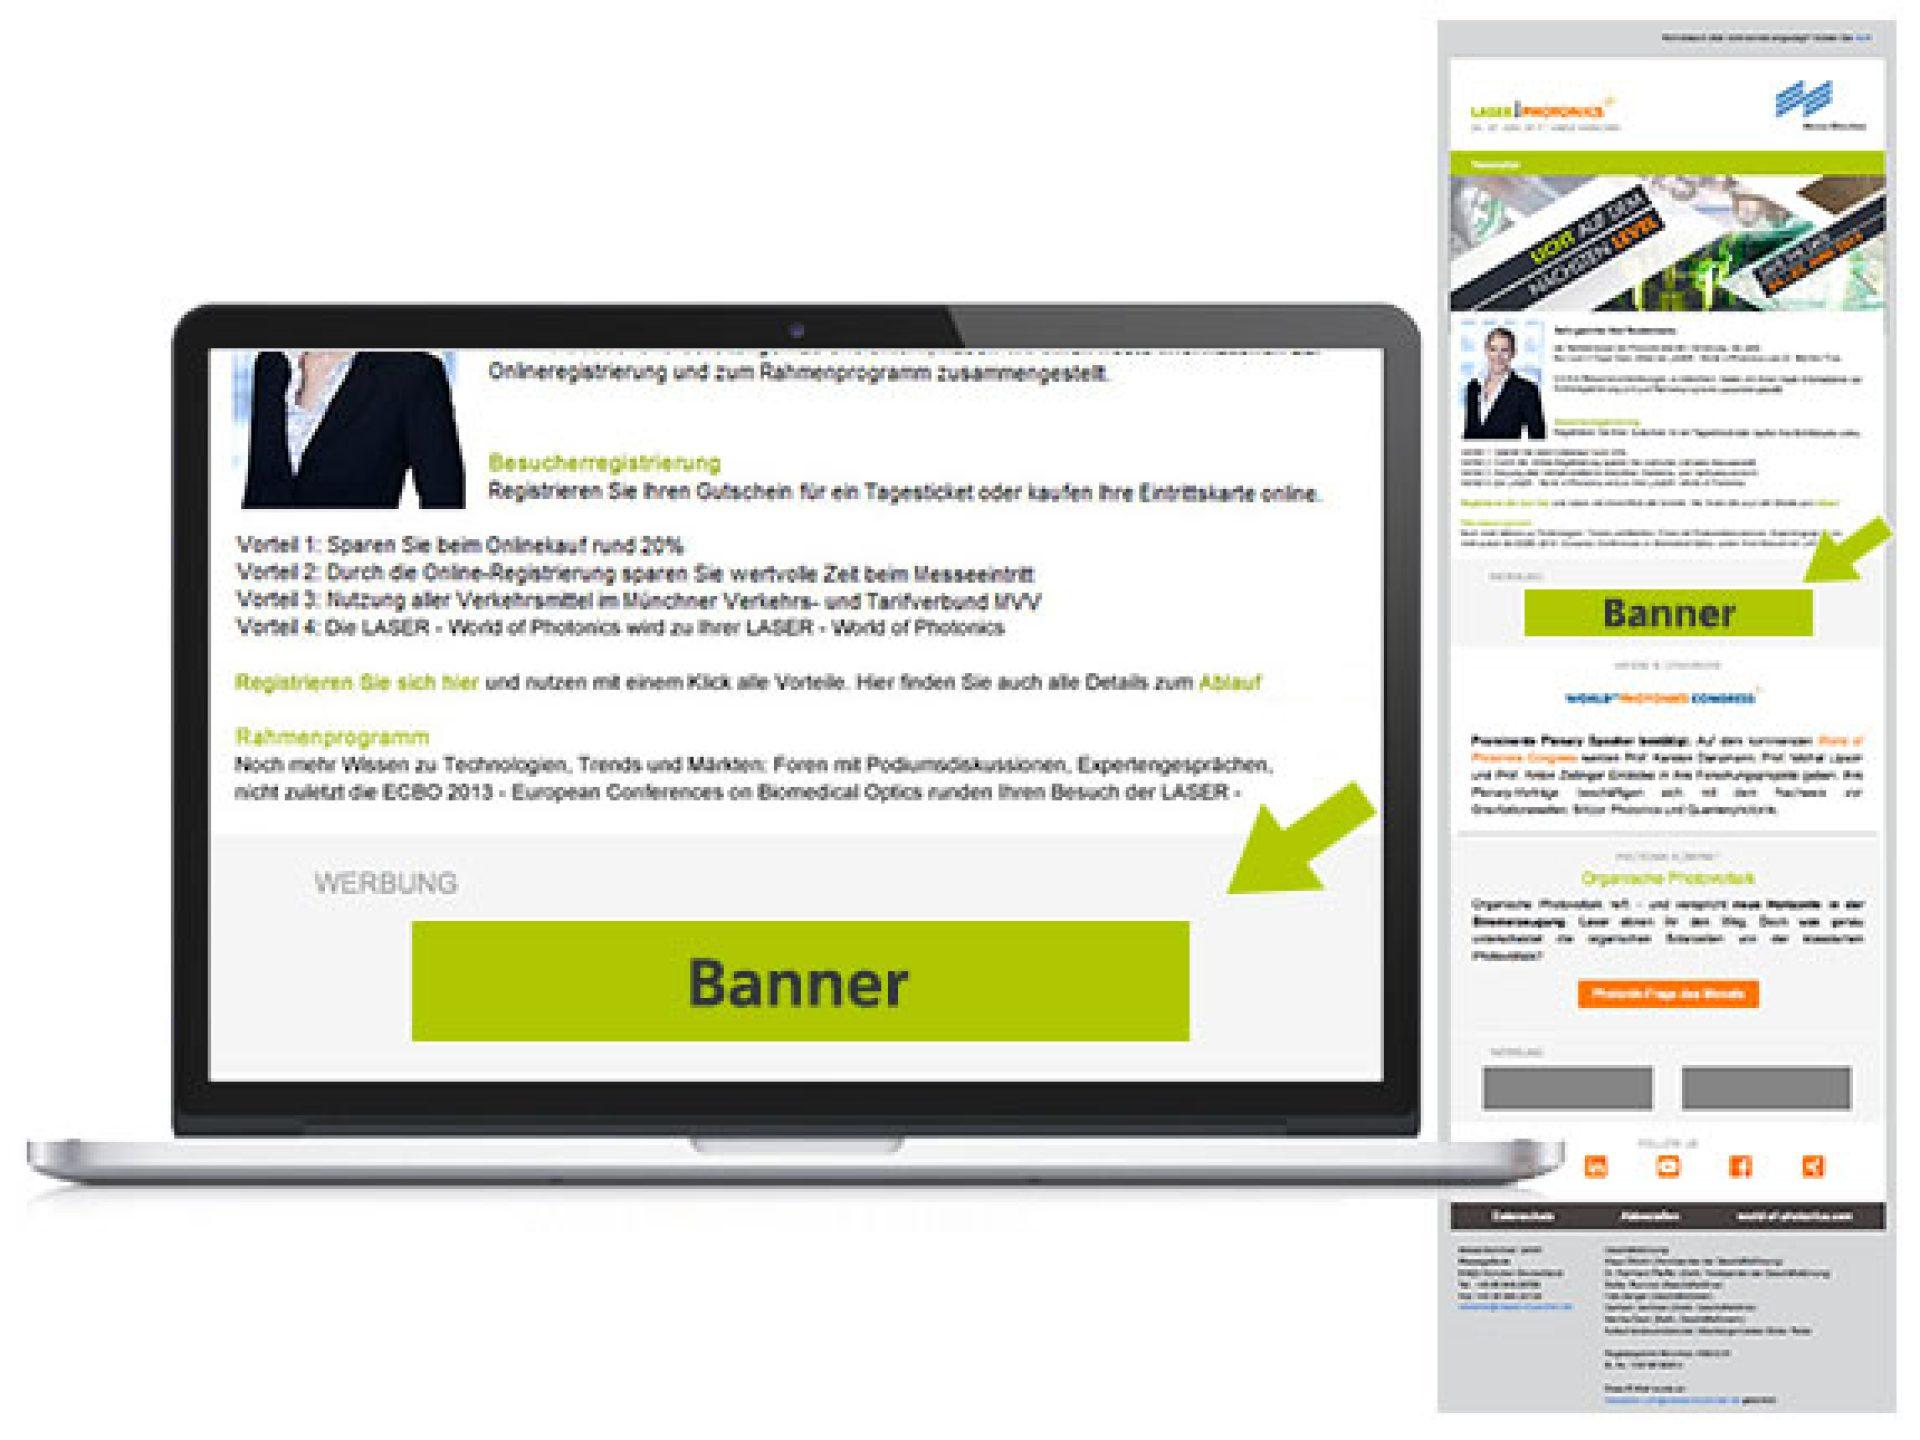 Fullsize-Banner im Besucher-E-Mailing